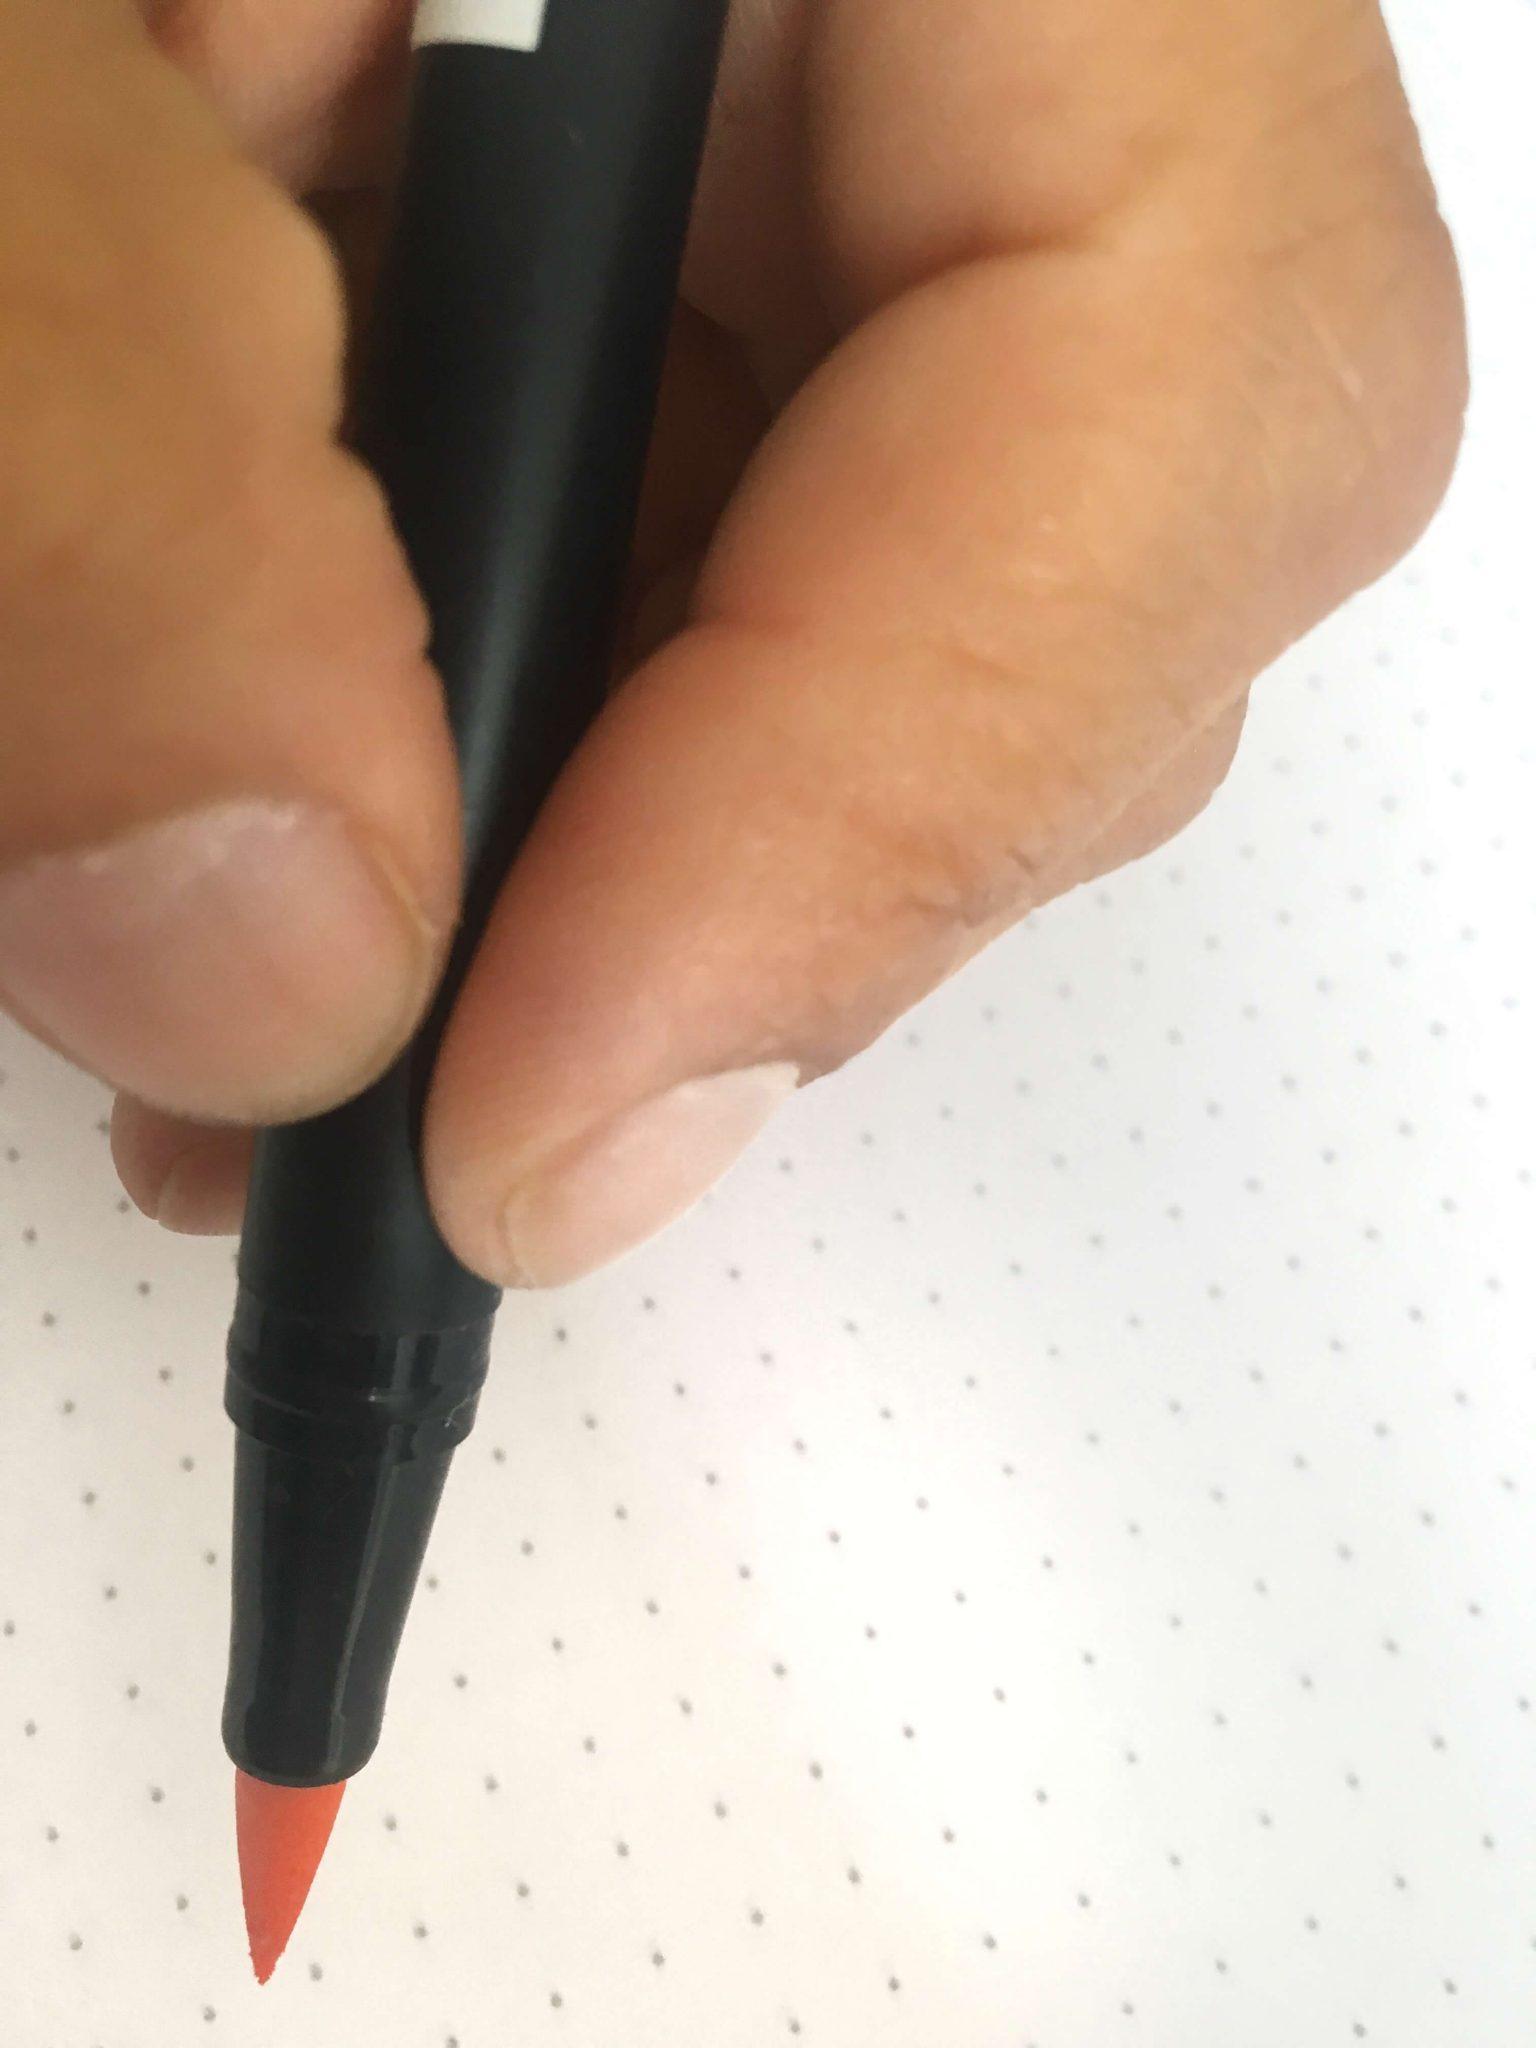 sujetar-rotulador-pulgar-índice